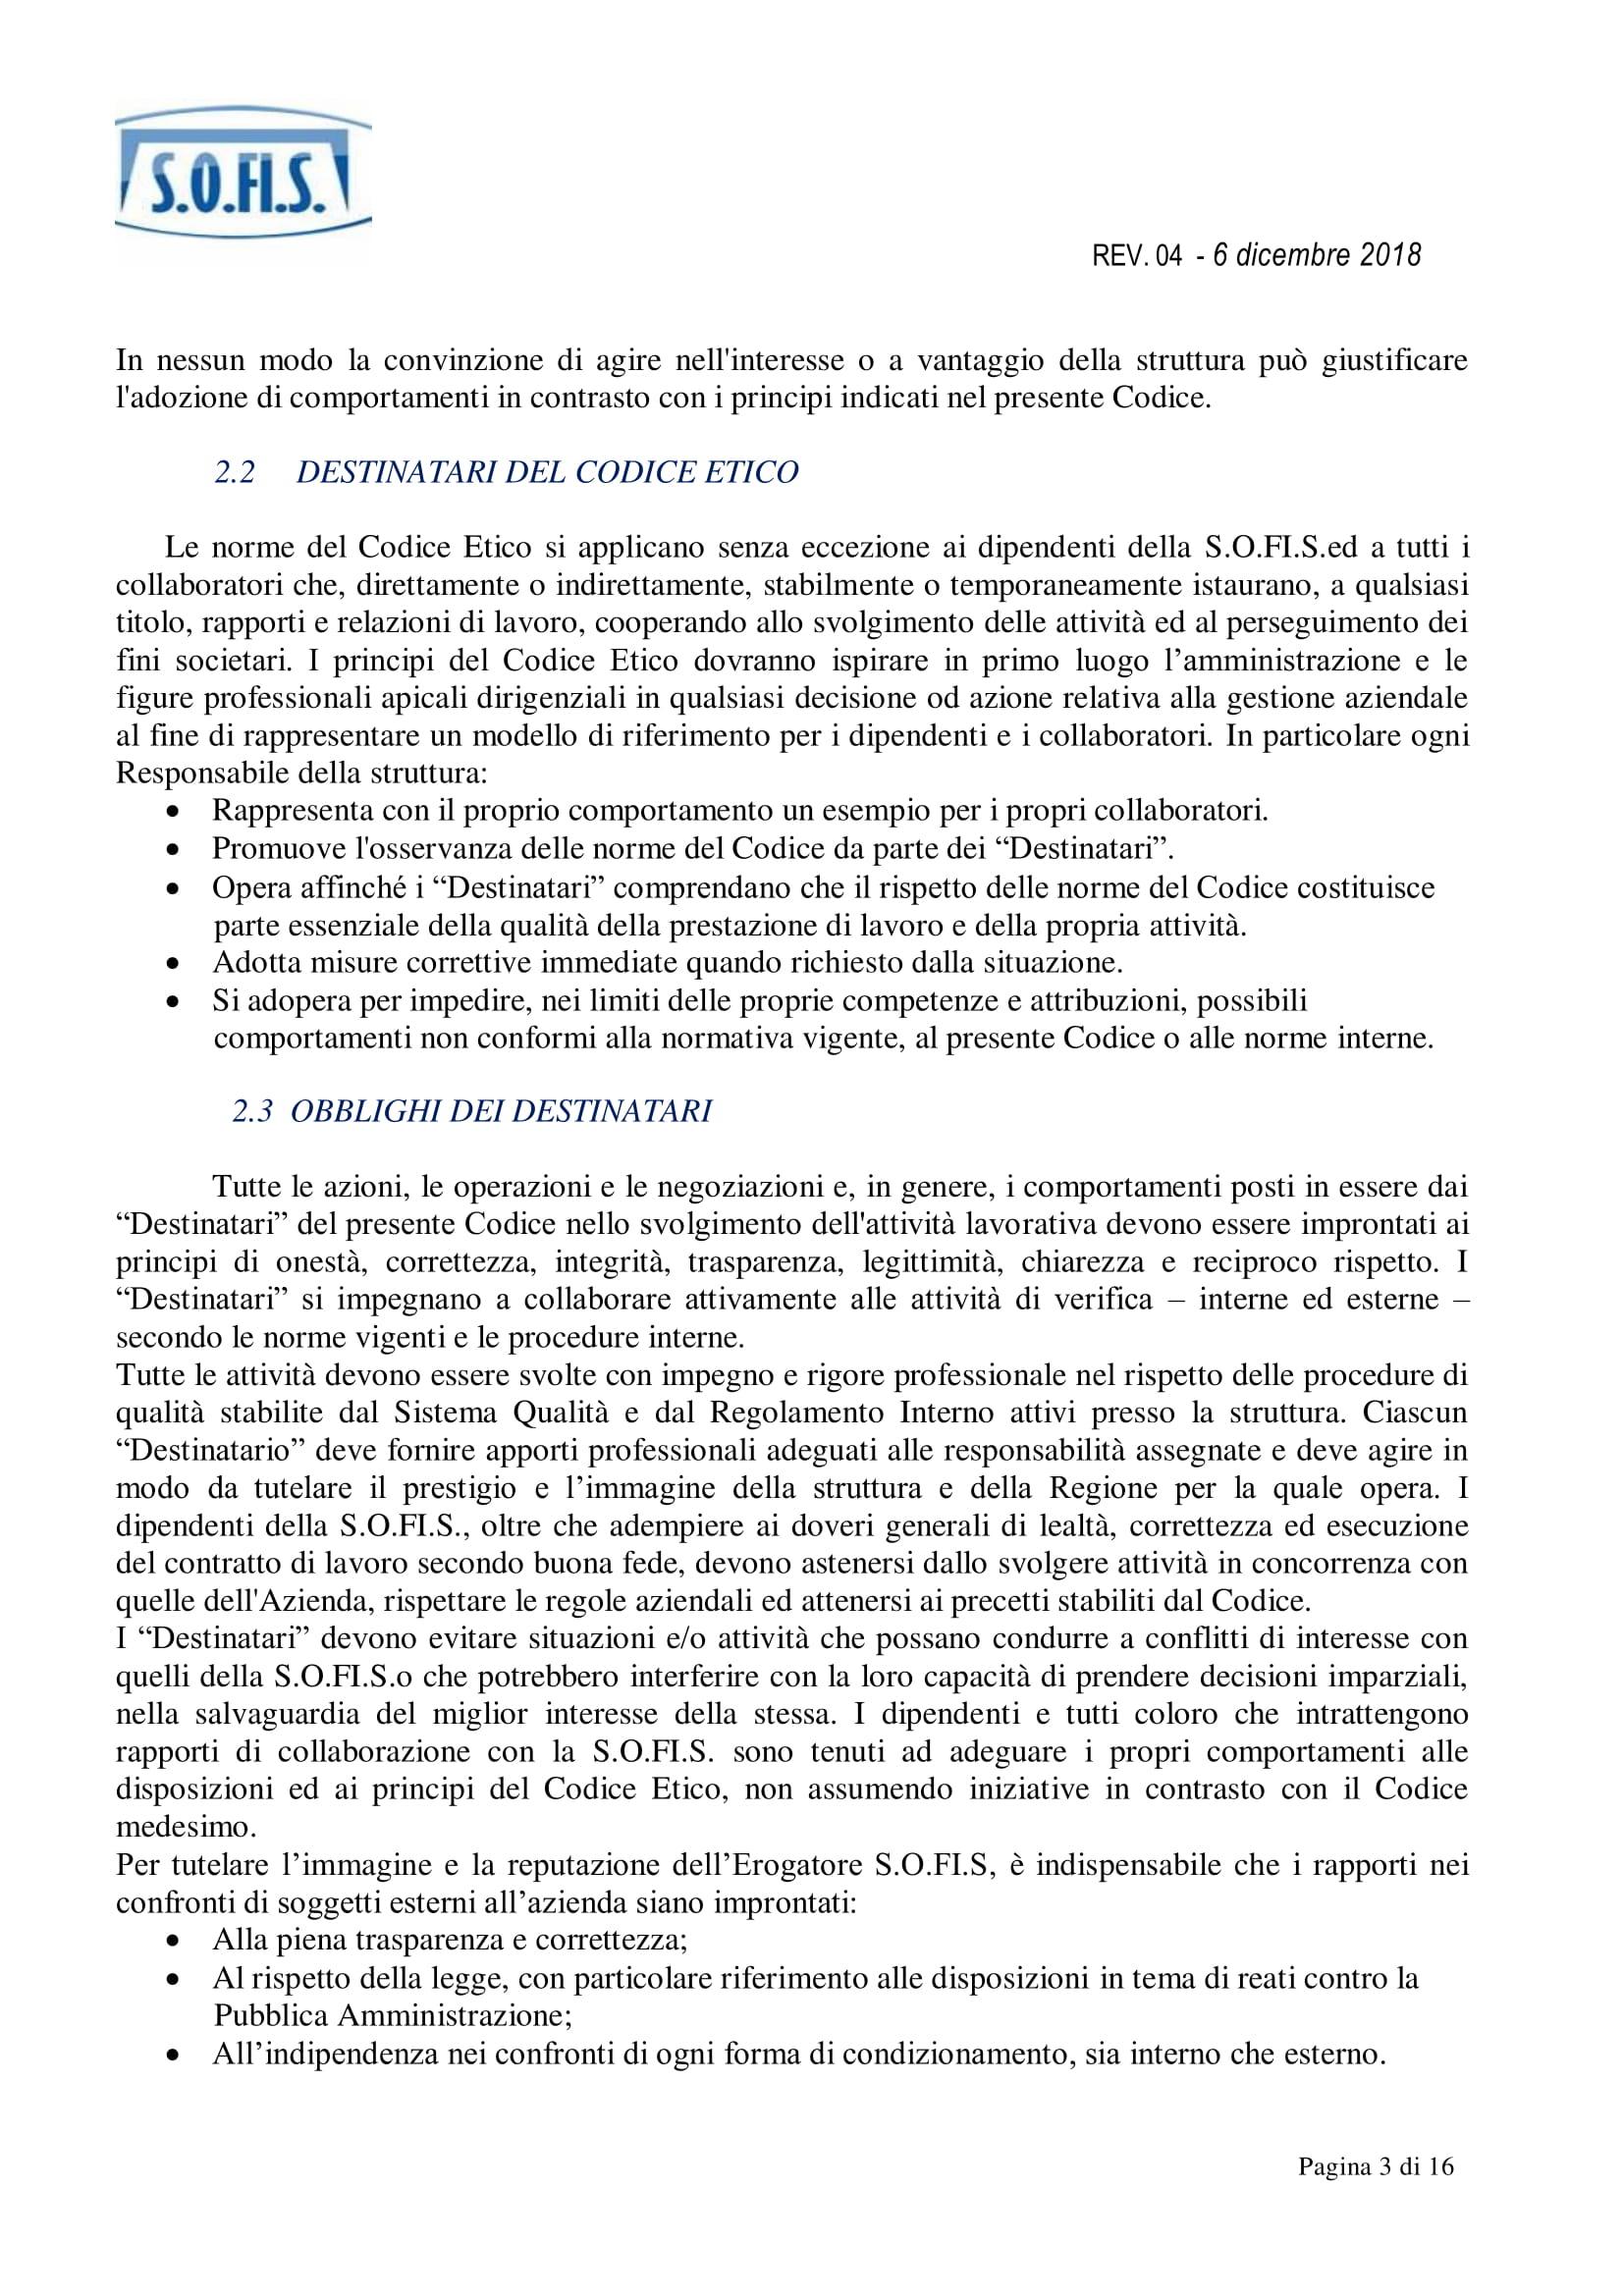 codice_etico-3